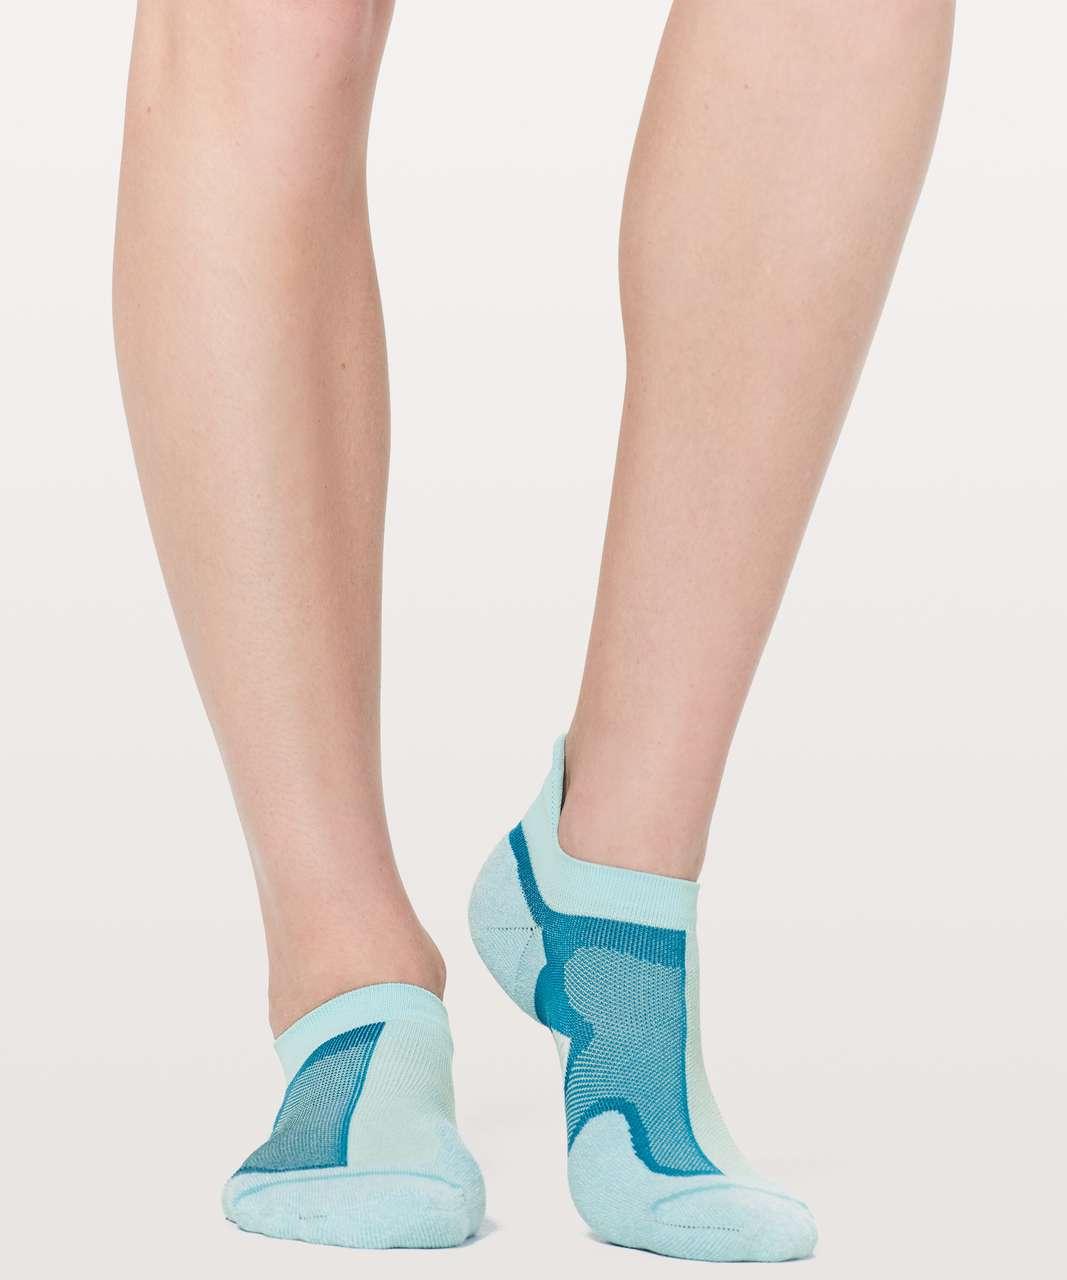 Lululemon Speed Sock *Silver - Blue Glow / Teal Blue / Eton Blue